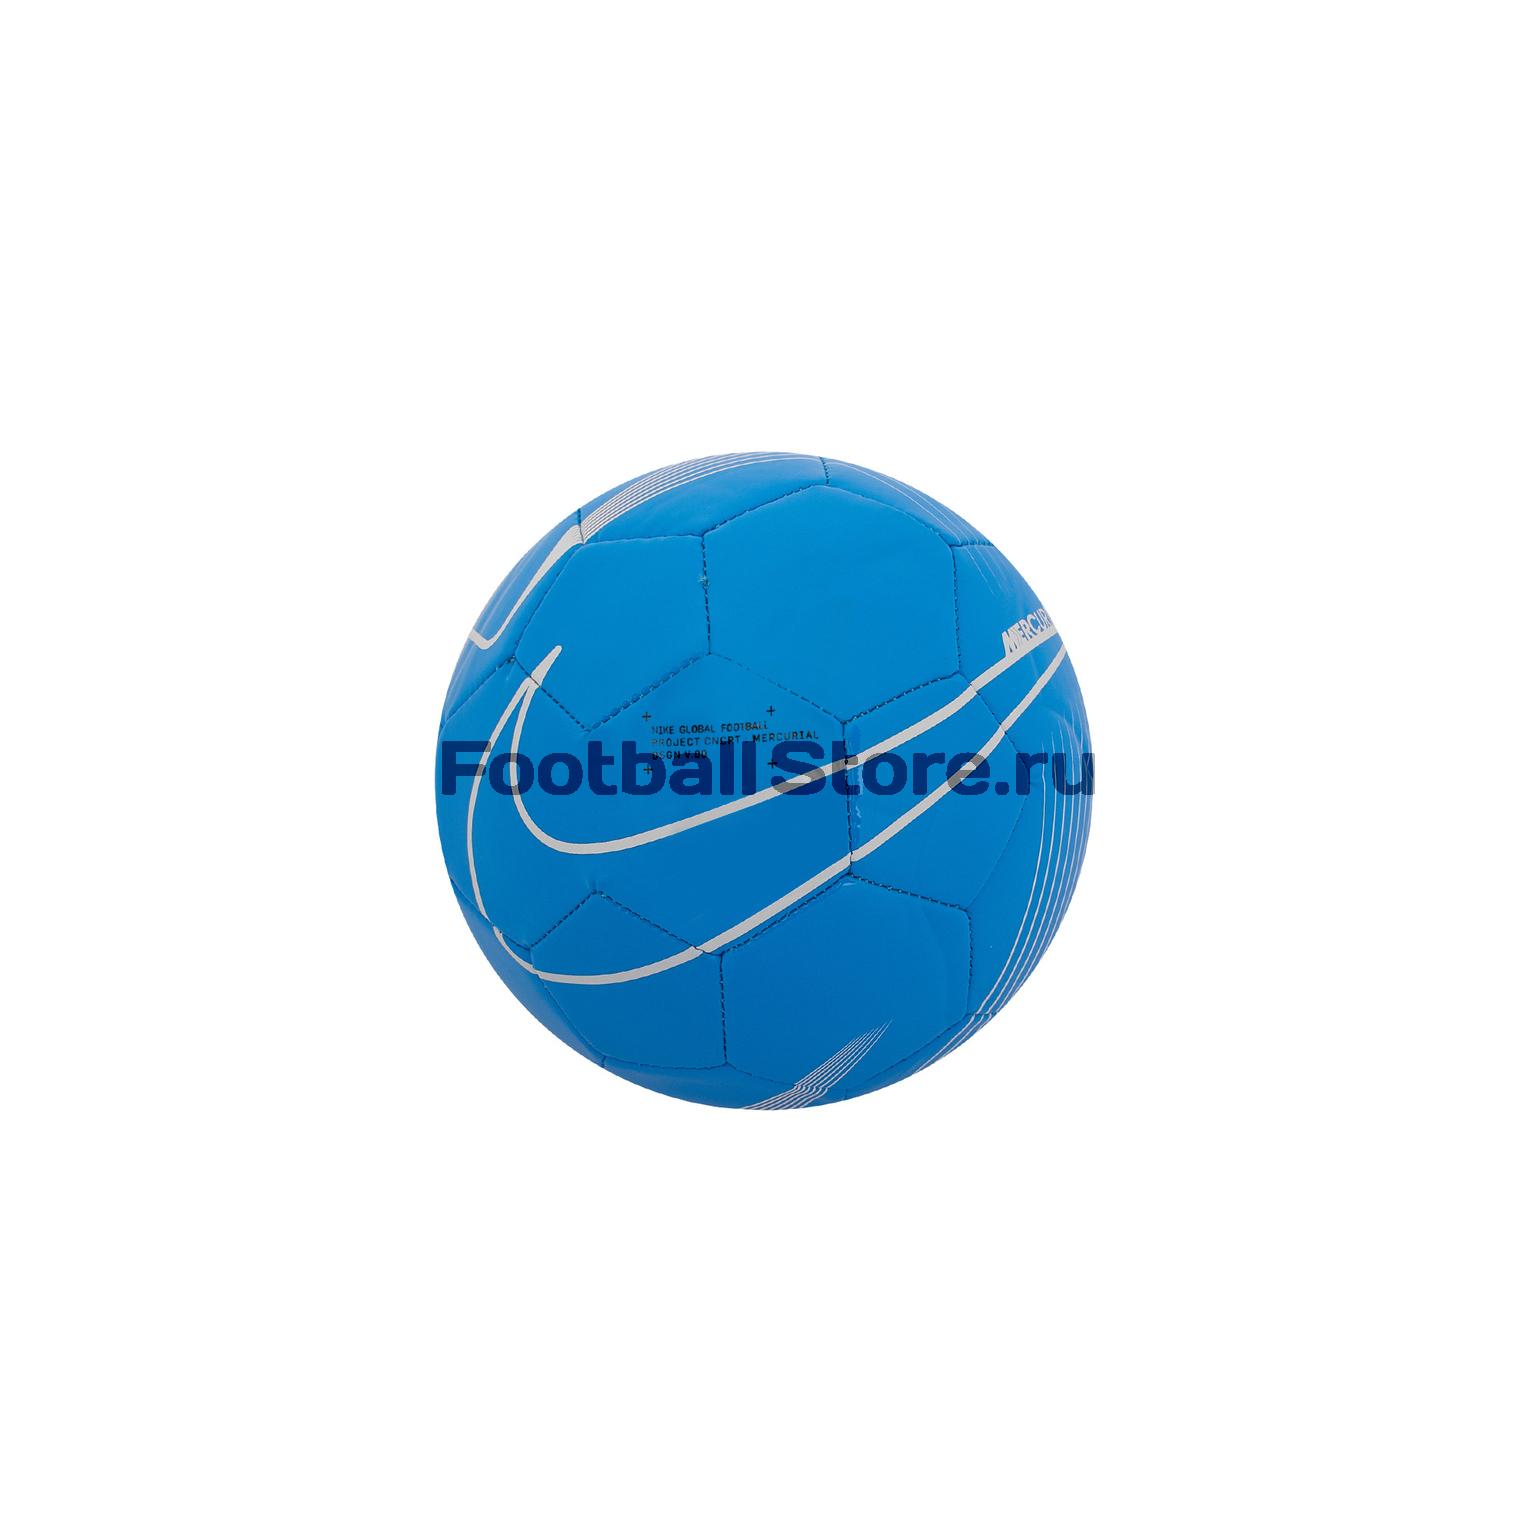 Мяч сувенирный Nike Mercurial SC3912-486